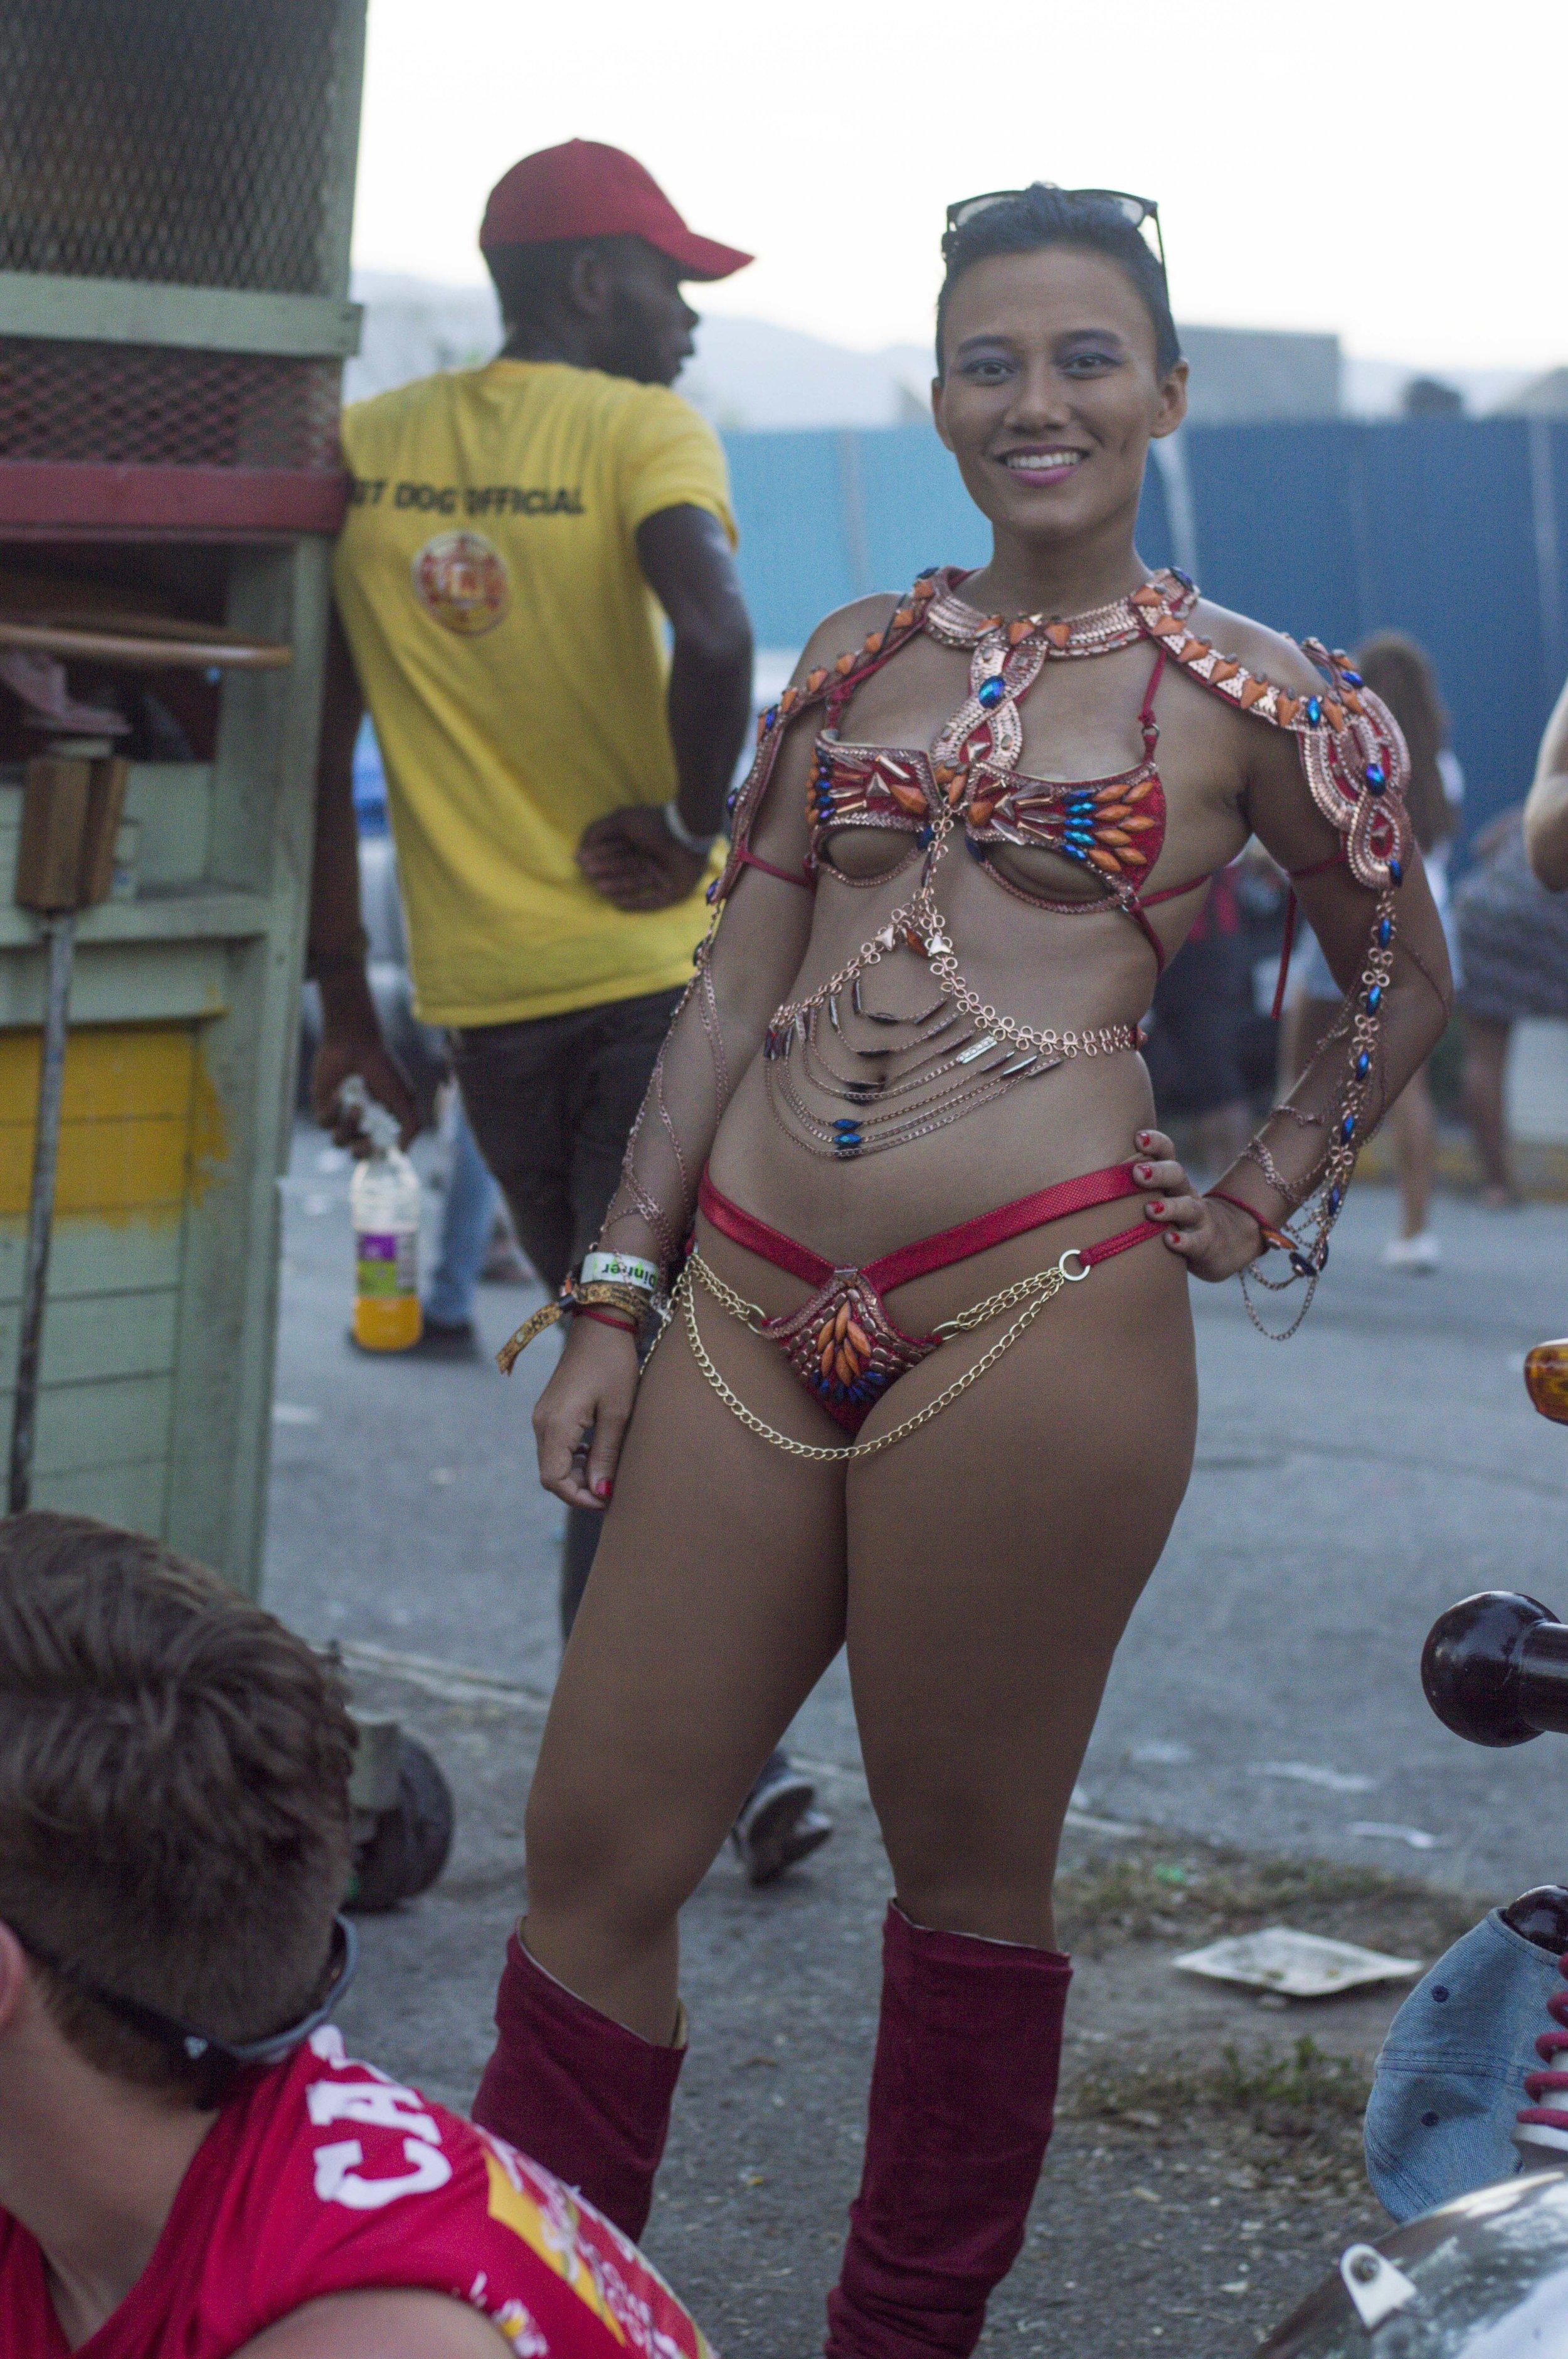 carnival2019_jeanalindo-82.jpg